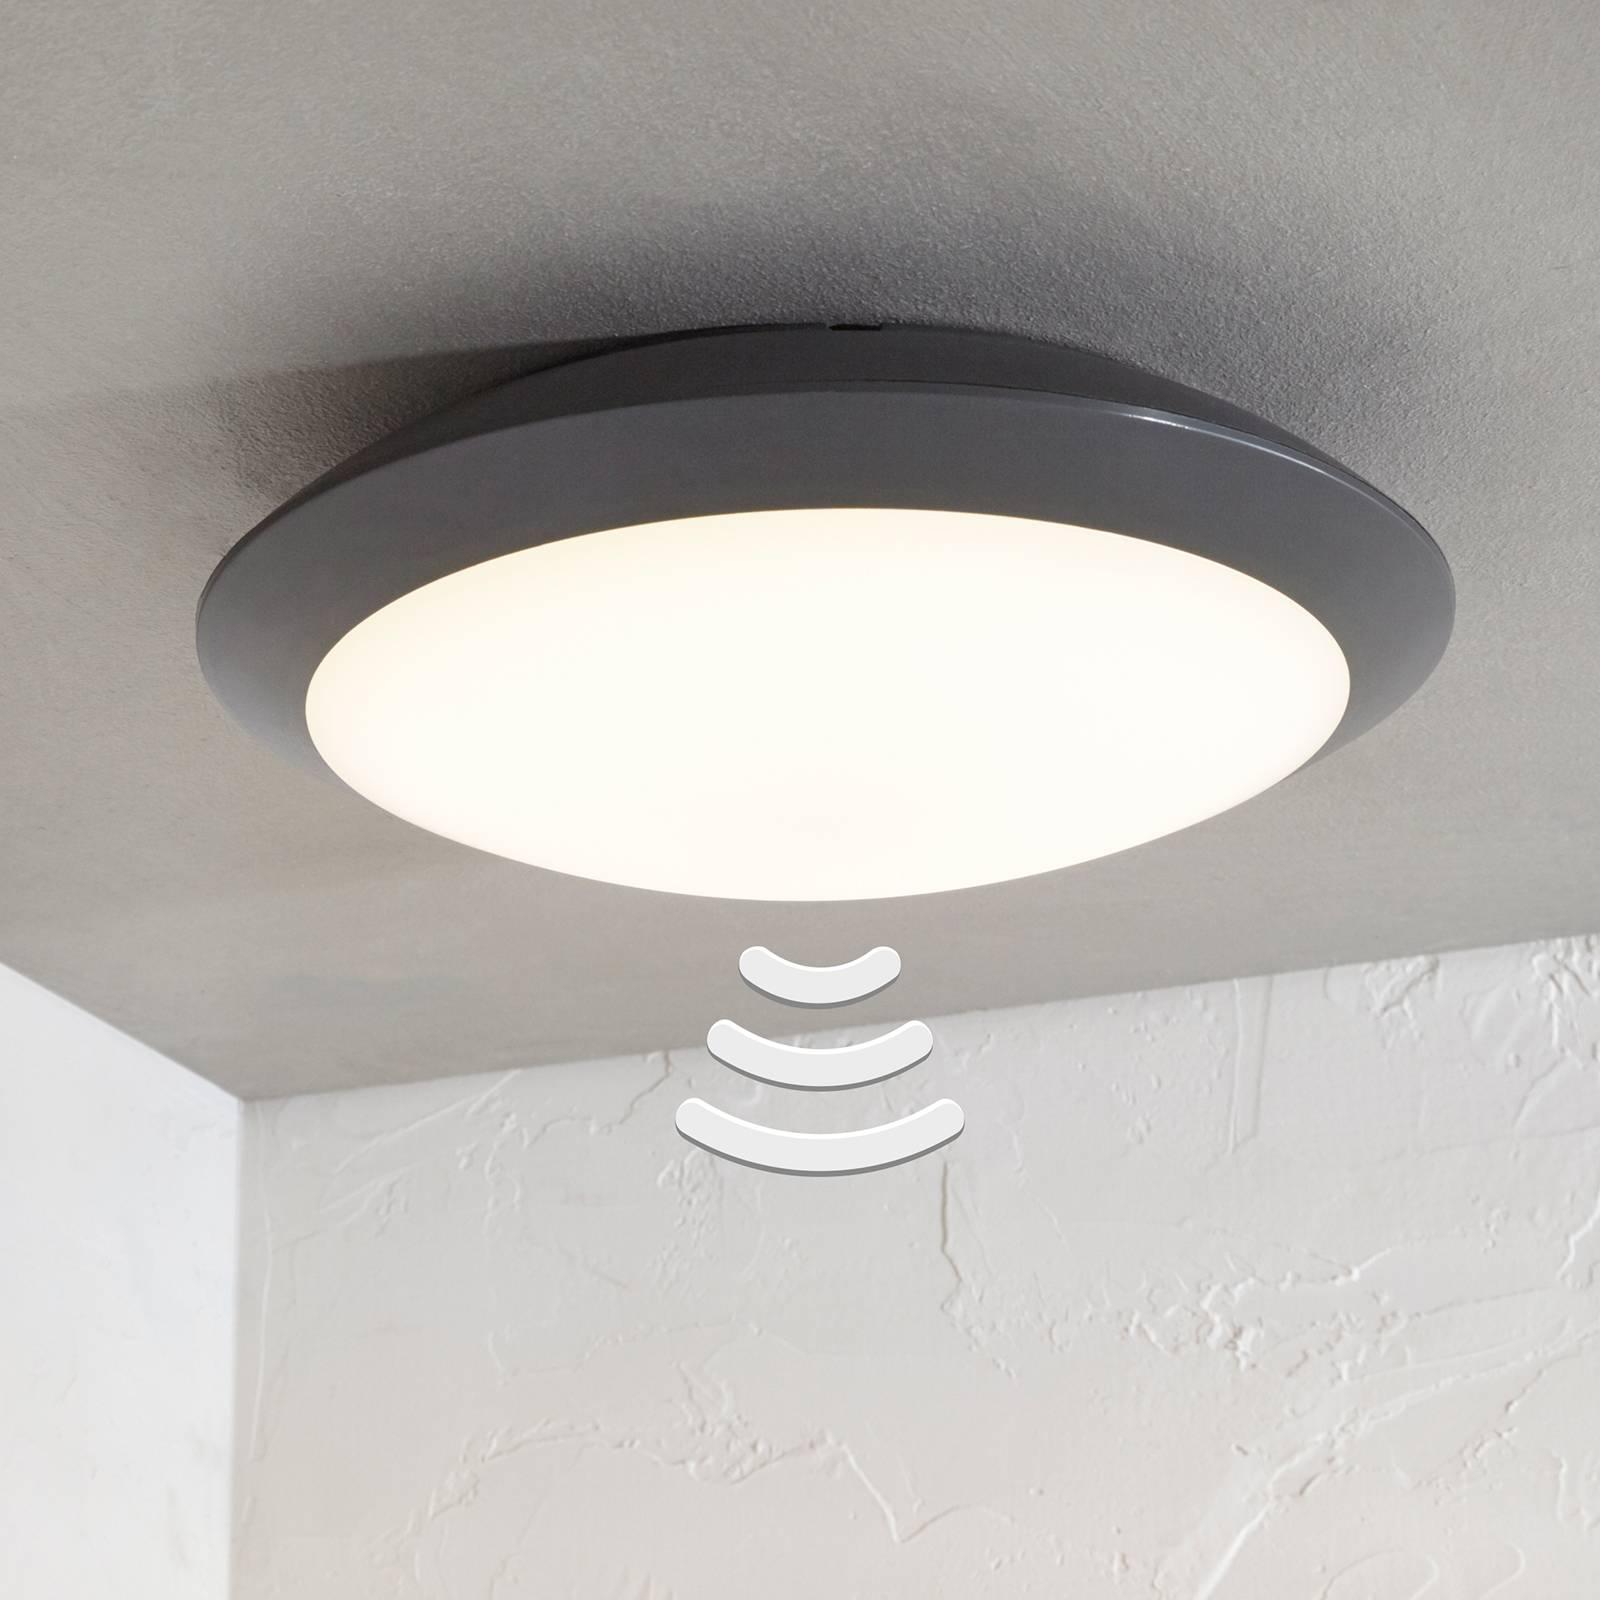 LED-ulkokattovalaisin Naira, harmaa, anturi